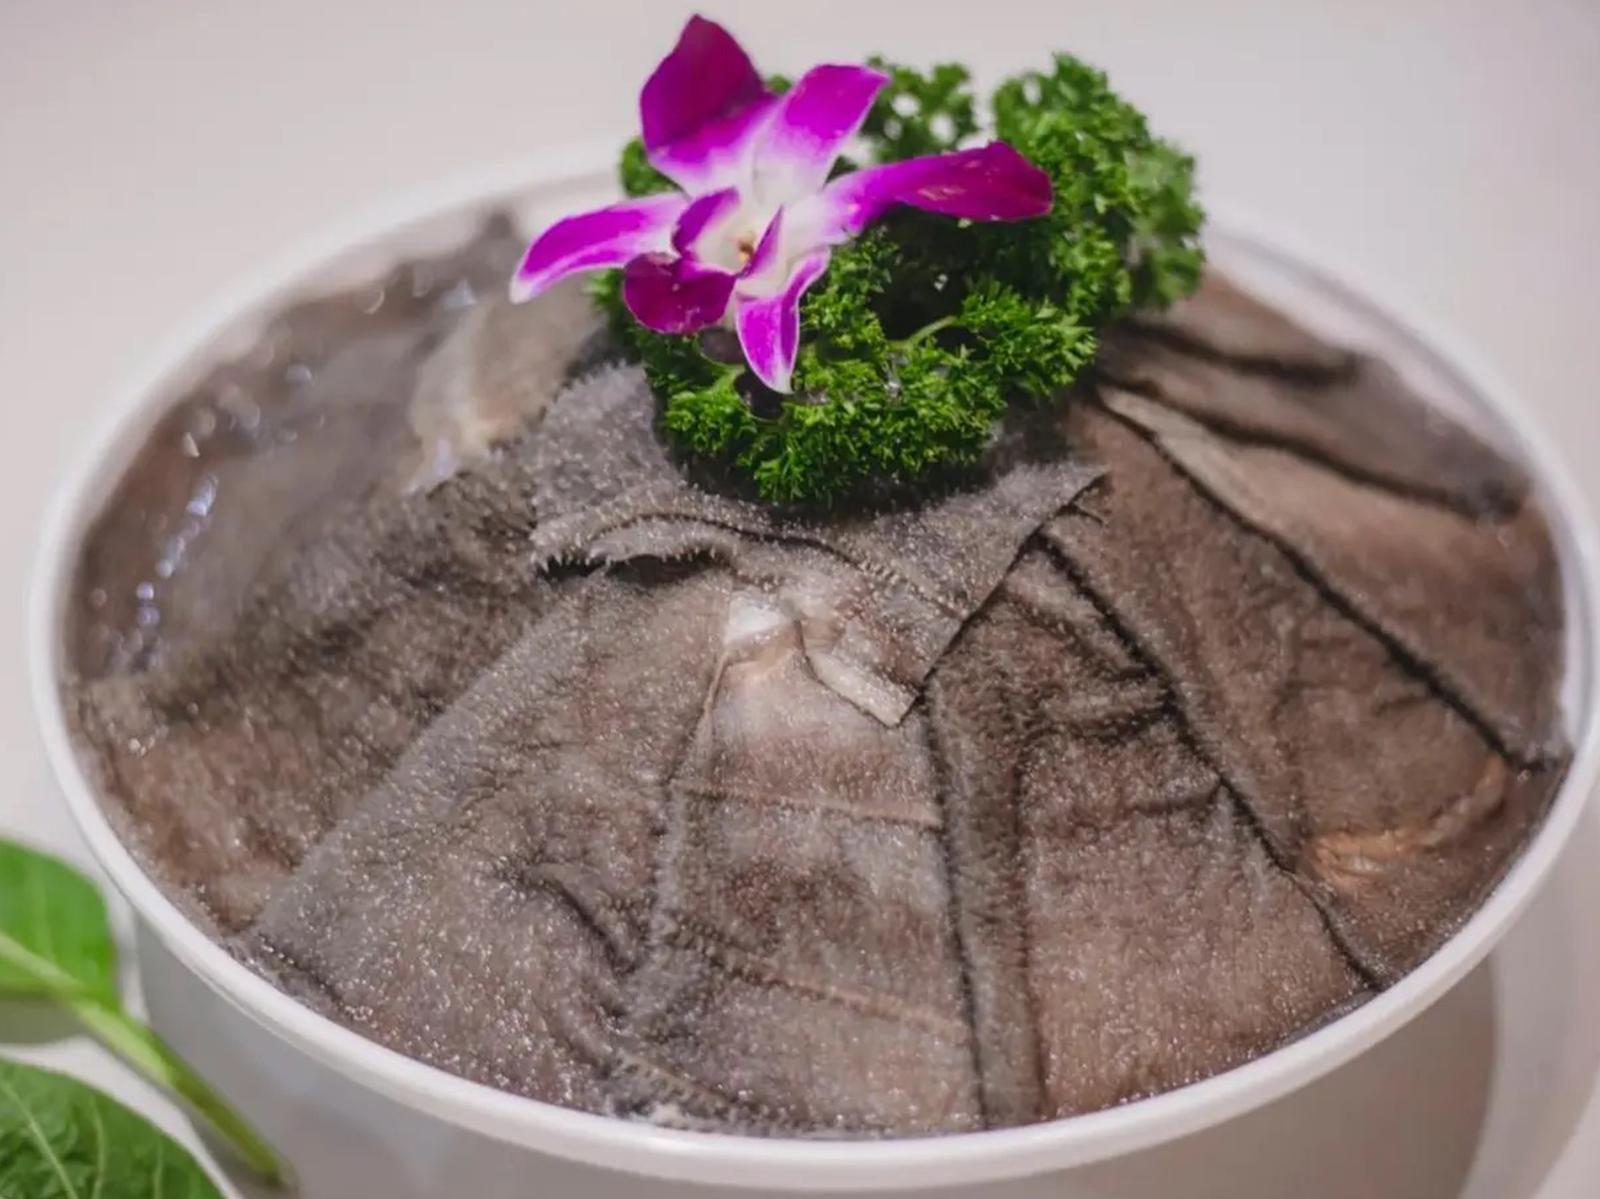 美团圈圈眉山站 | 打边炉北京烤鸭餐厅|2-3人餐|北京烤鸭+酸萝卜鸭架组合